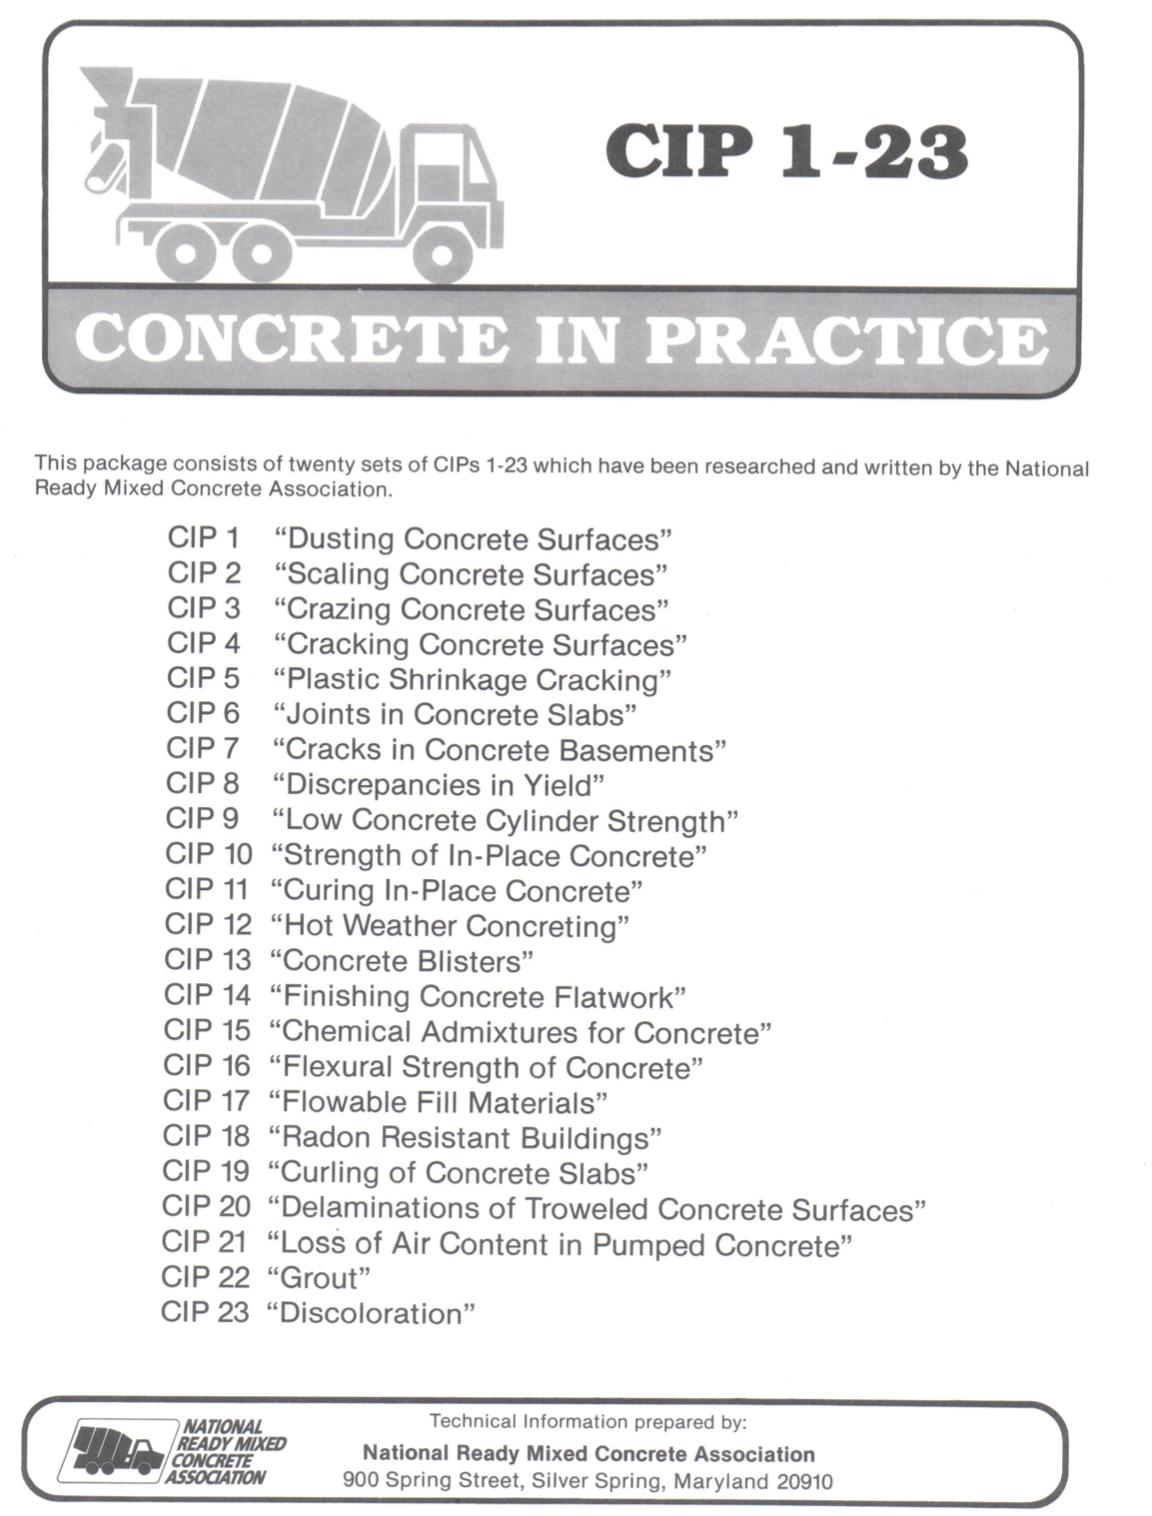 Concrete in Practice [PUB]